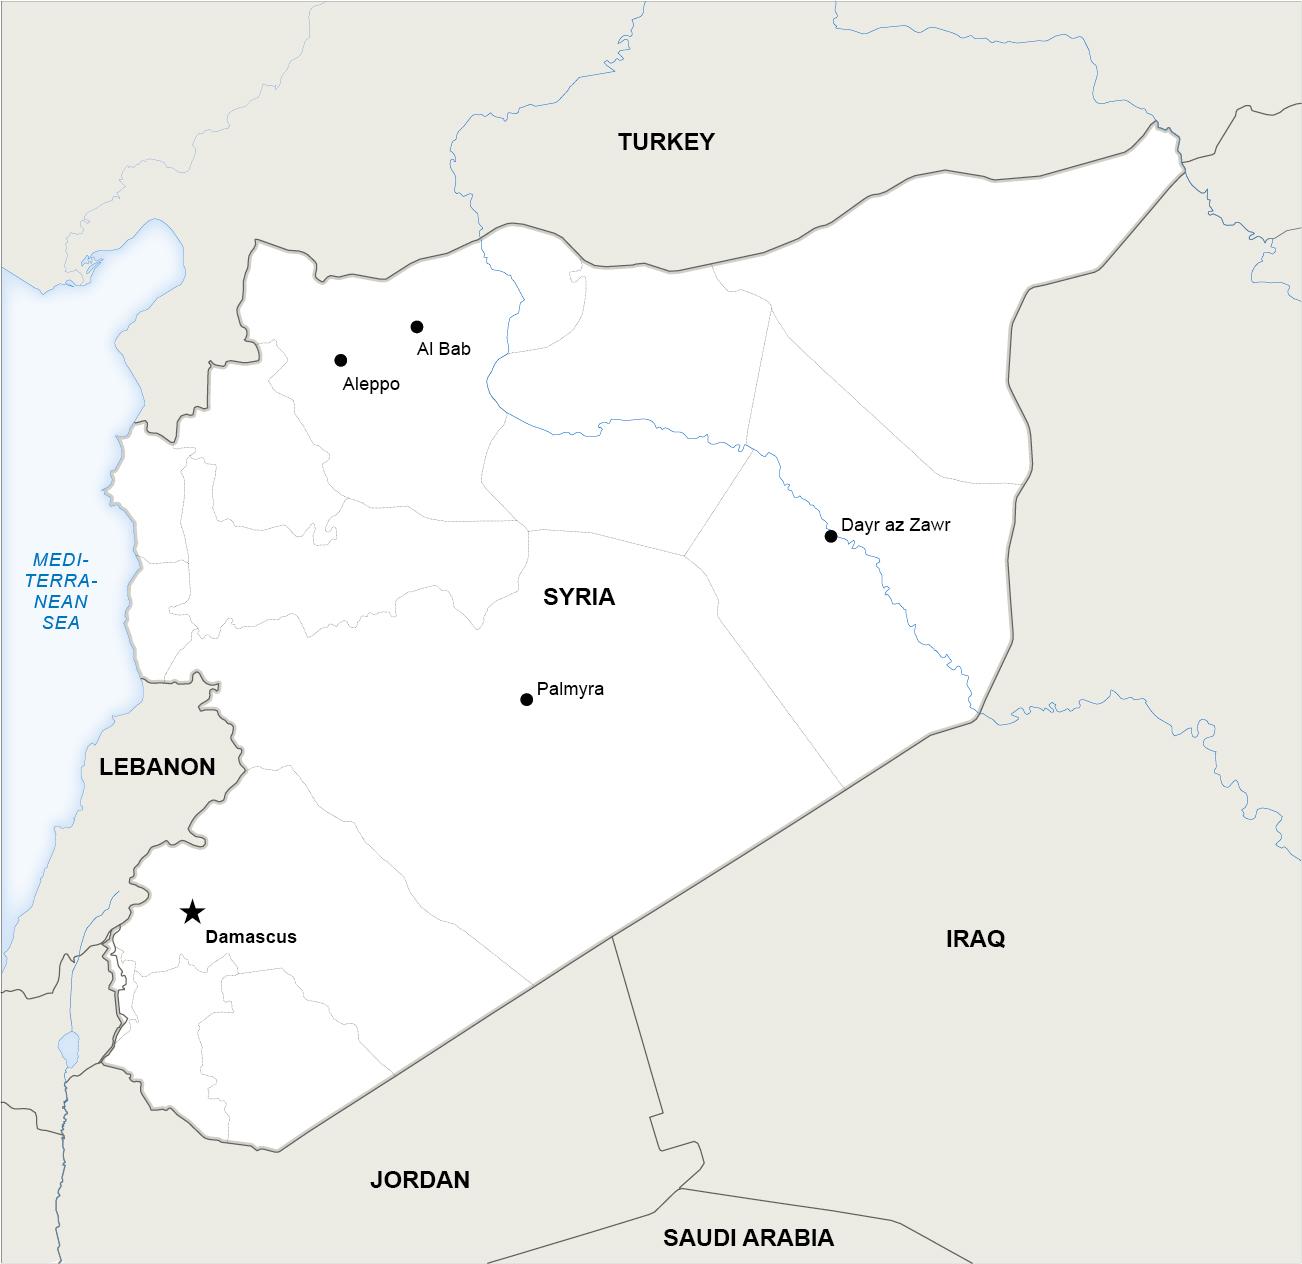 La mappa della Siria. Fonte: Onestopmap - Rbth